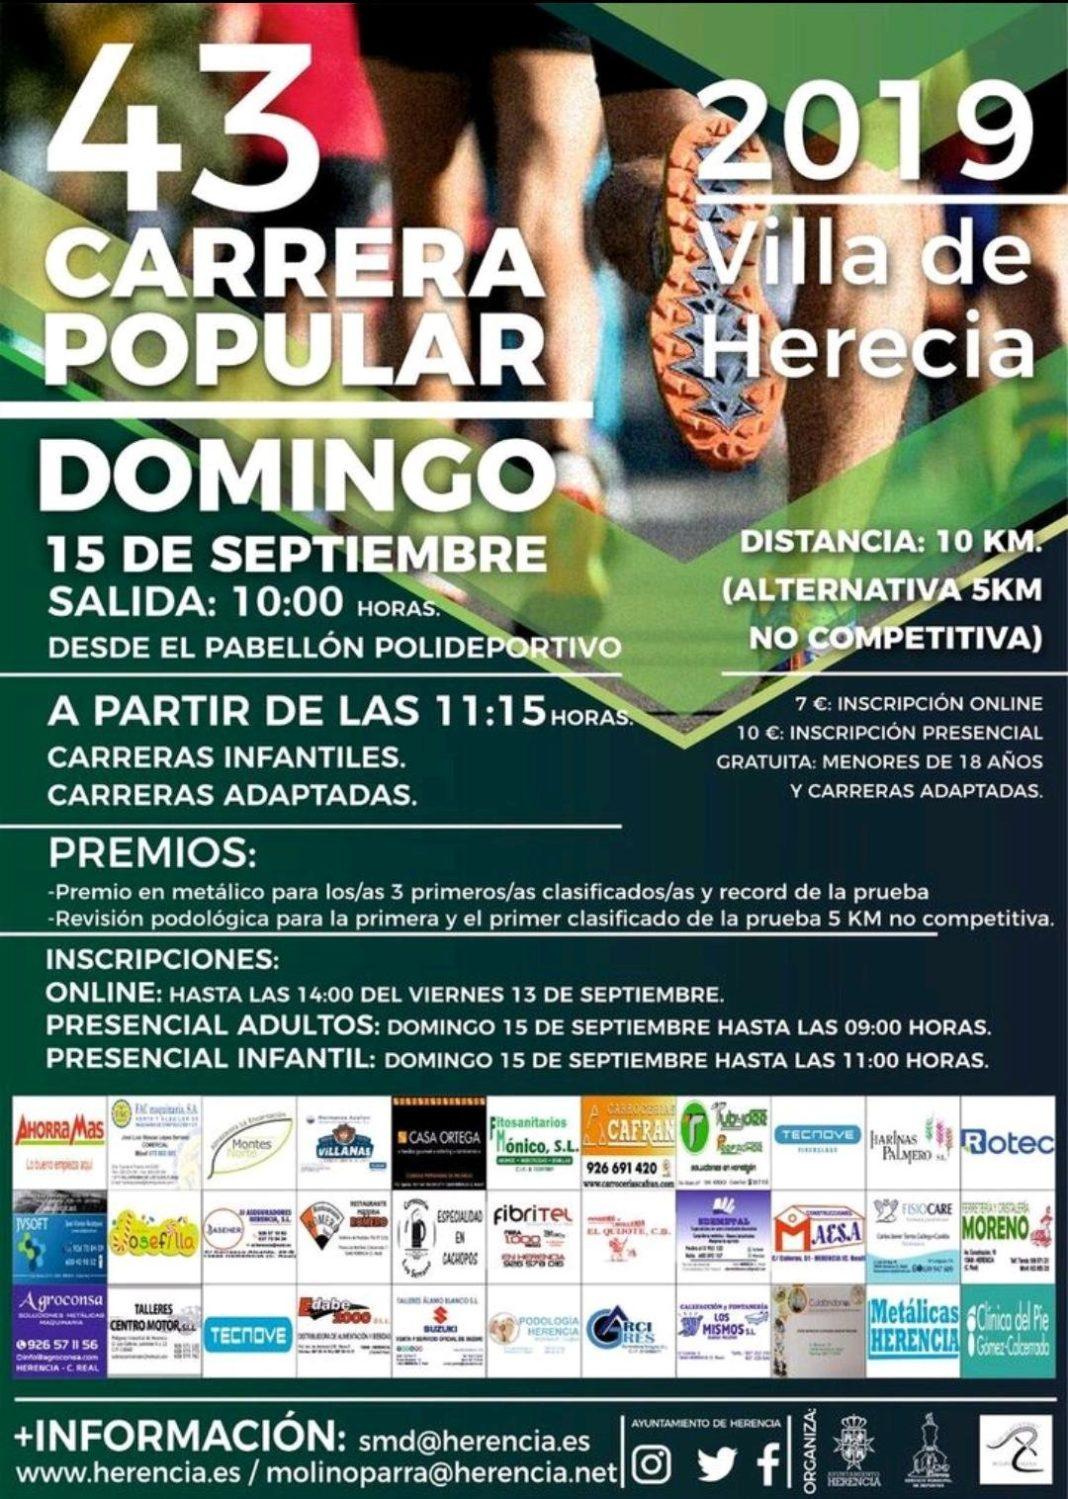 43 carrera popular herencia 2019 1068x1499 - Formulario de inscripción, reglamento y horarios de la 43 Carrera Popular de Herencia